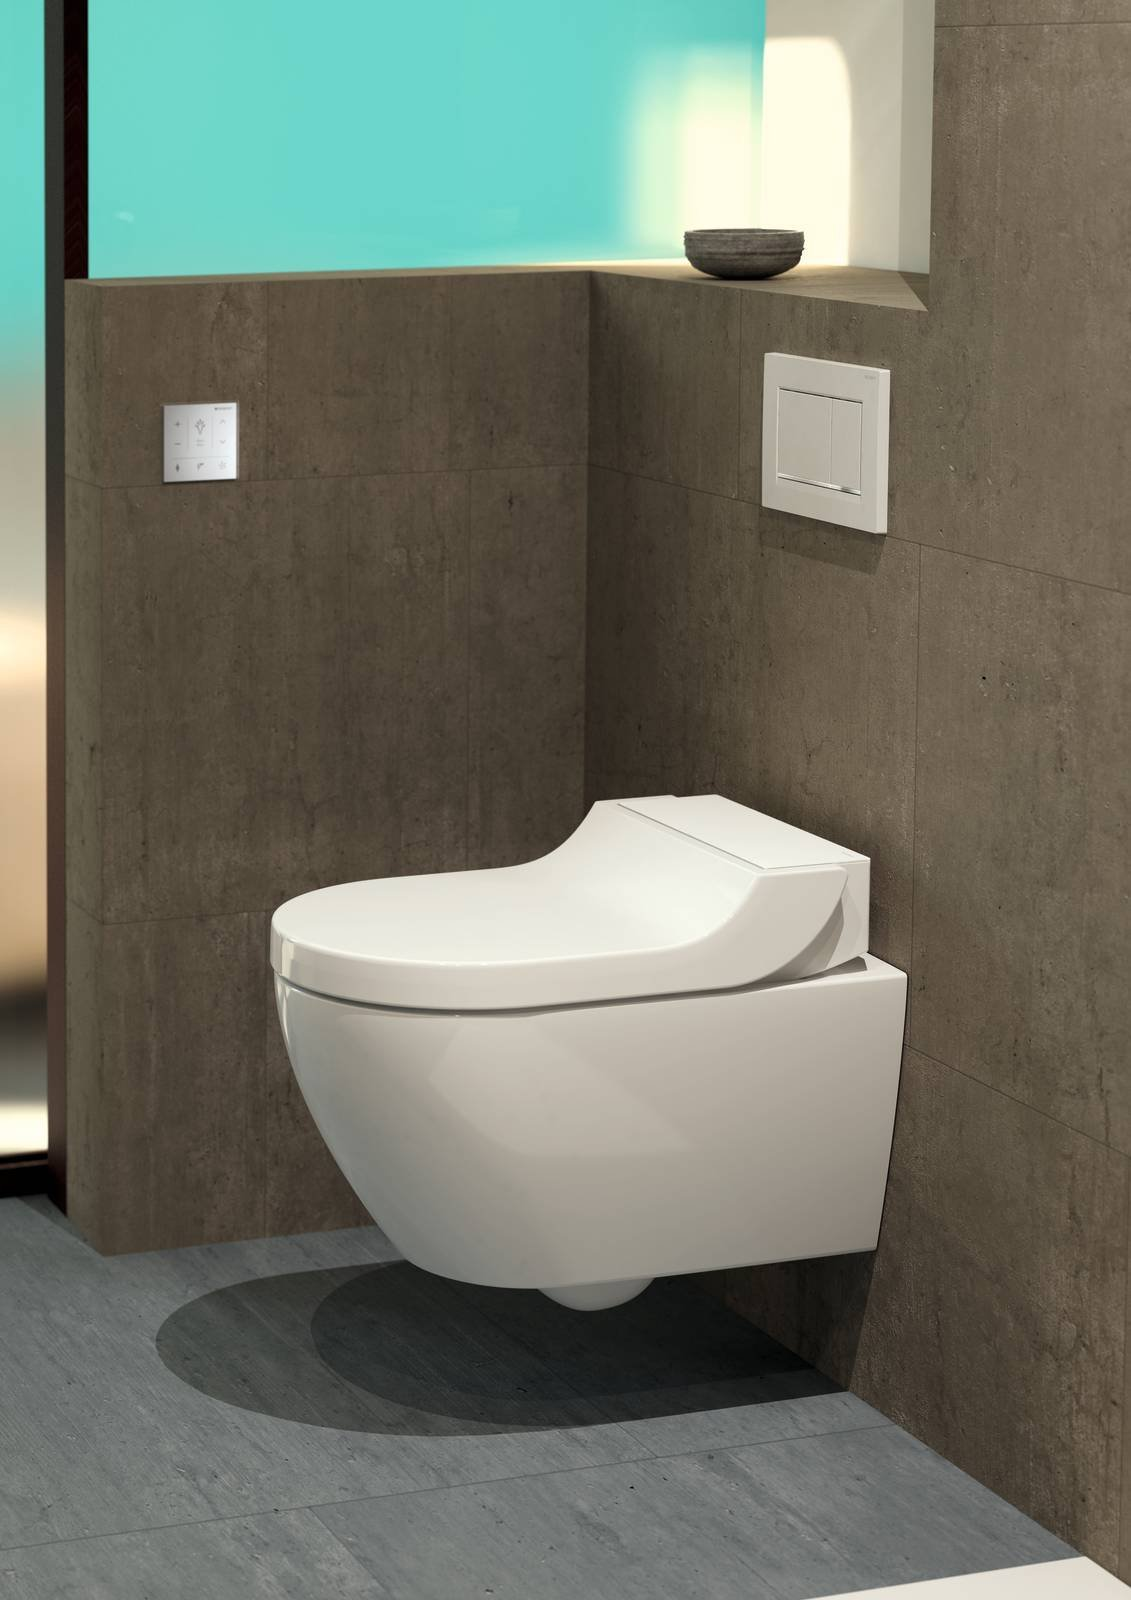 novit geberit il wc bidet aquaclean tuma anche in versione per vasi esistenti cose di casa. Black Bedroom Furniture Sets. Home Design Ideas